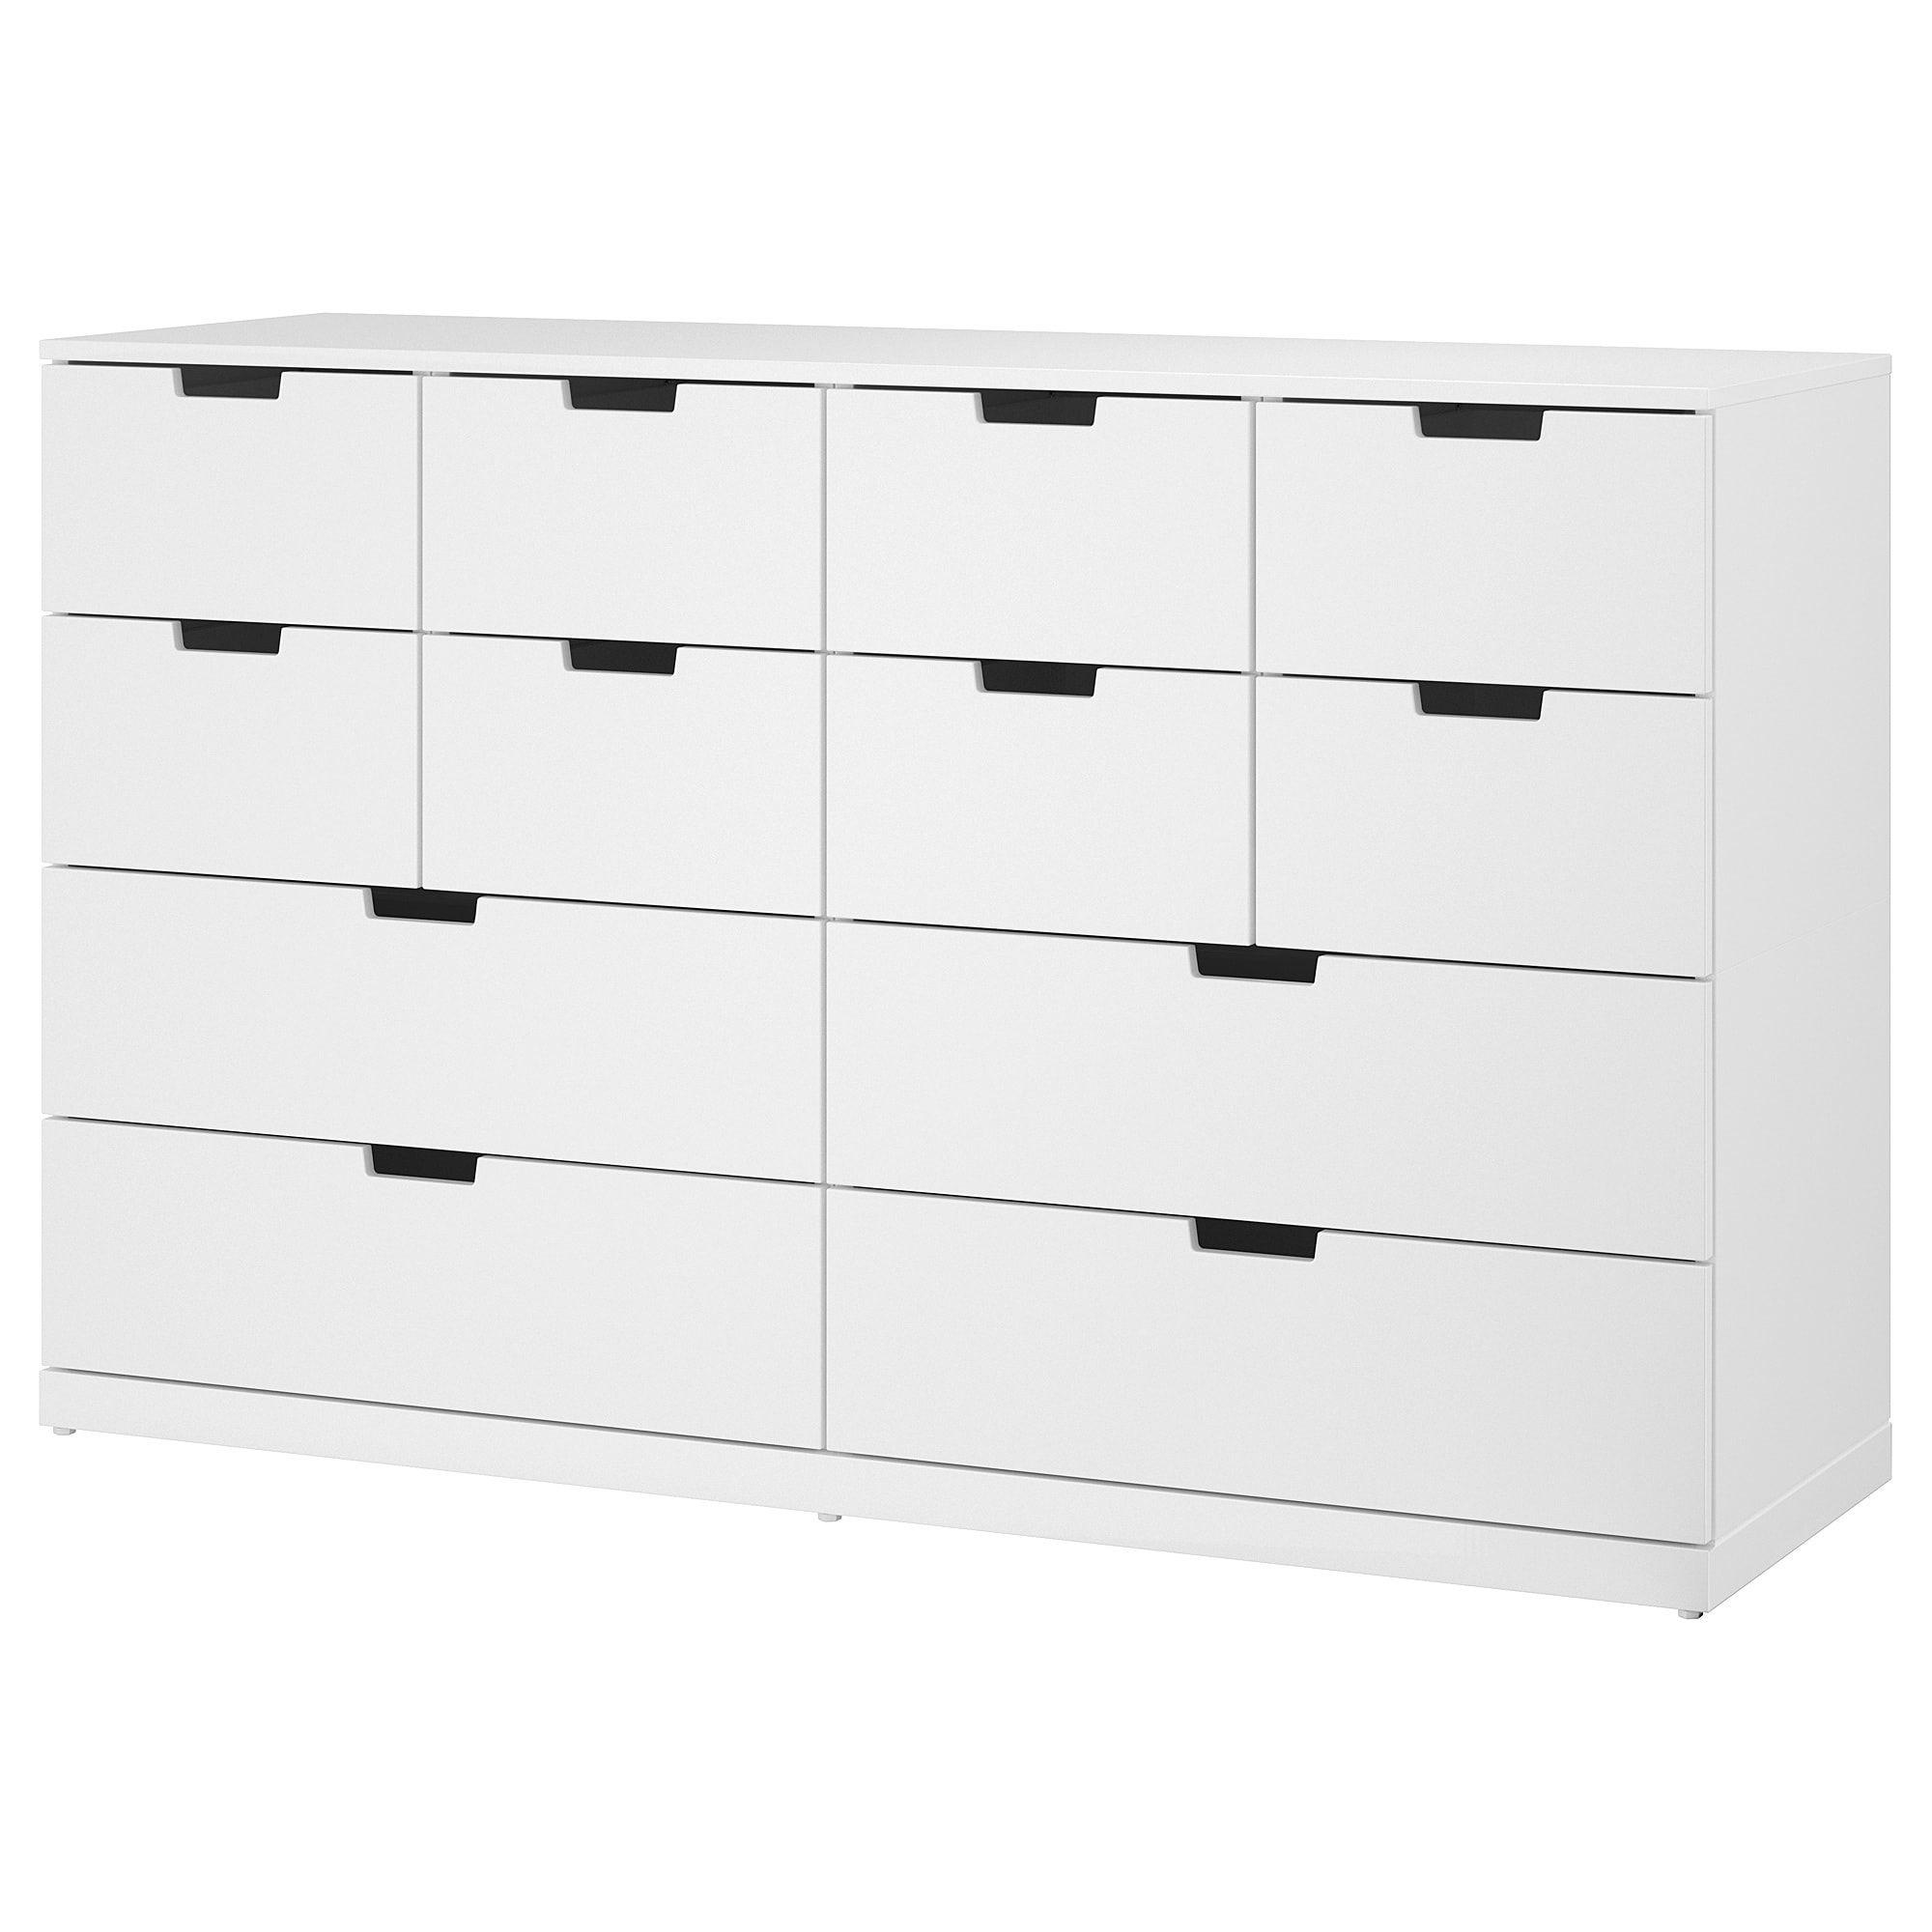 Cassettiera Per Armadio Ikea nordli cassettiera con 12 cassetti - bianco - ikea svizzera